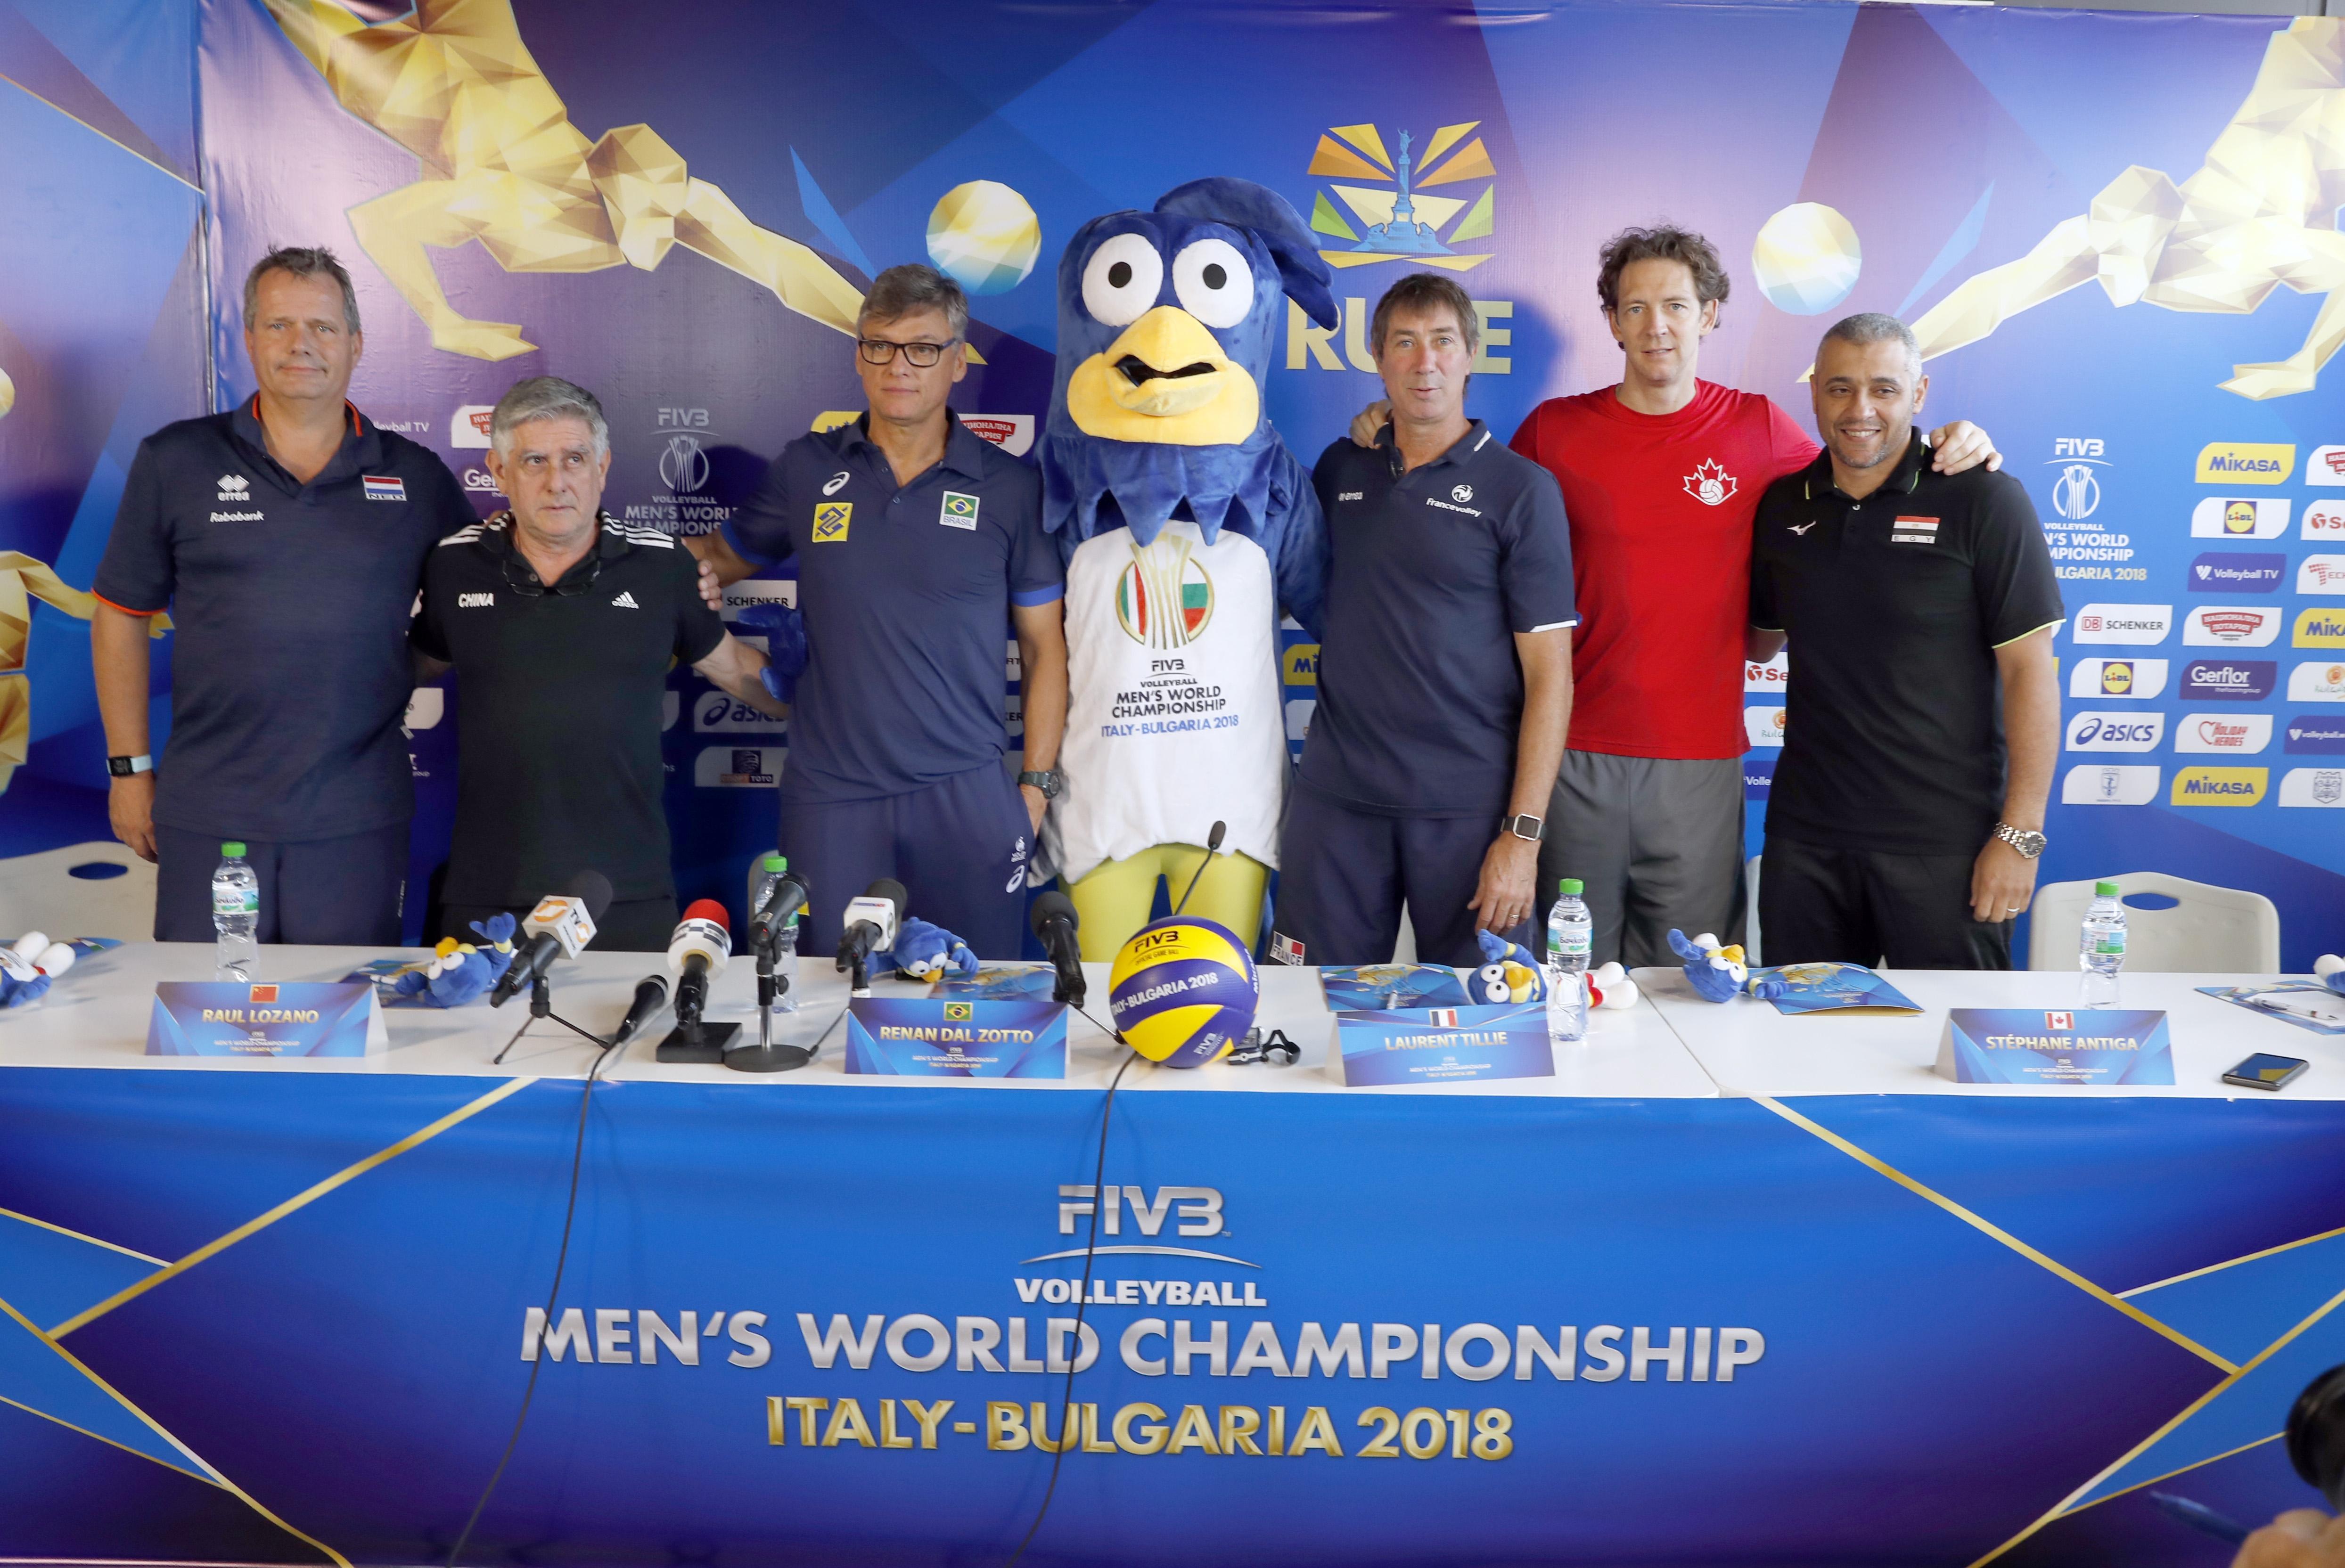 """Група """"В"""" от първата фаза на световното първенство по волейбол"""